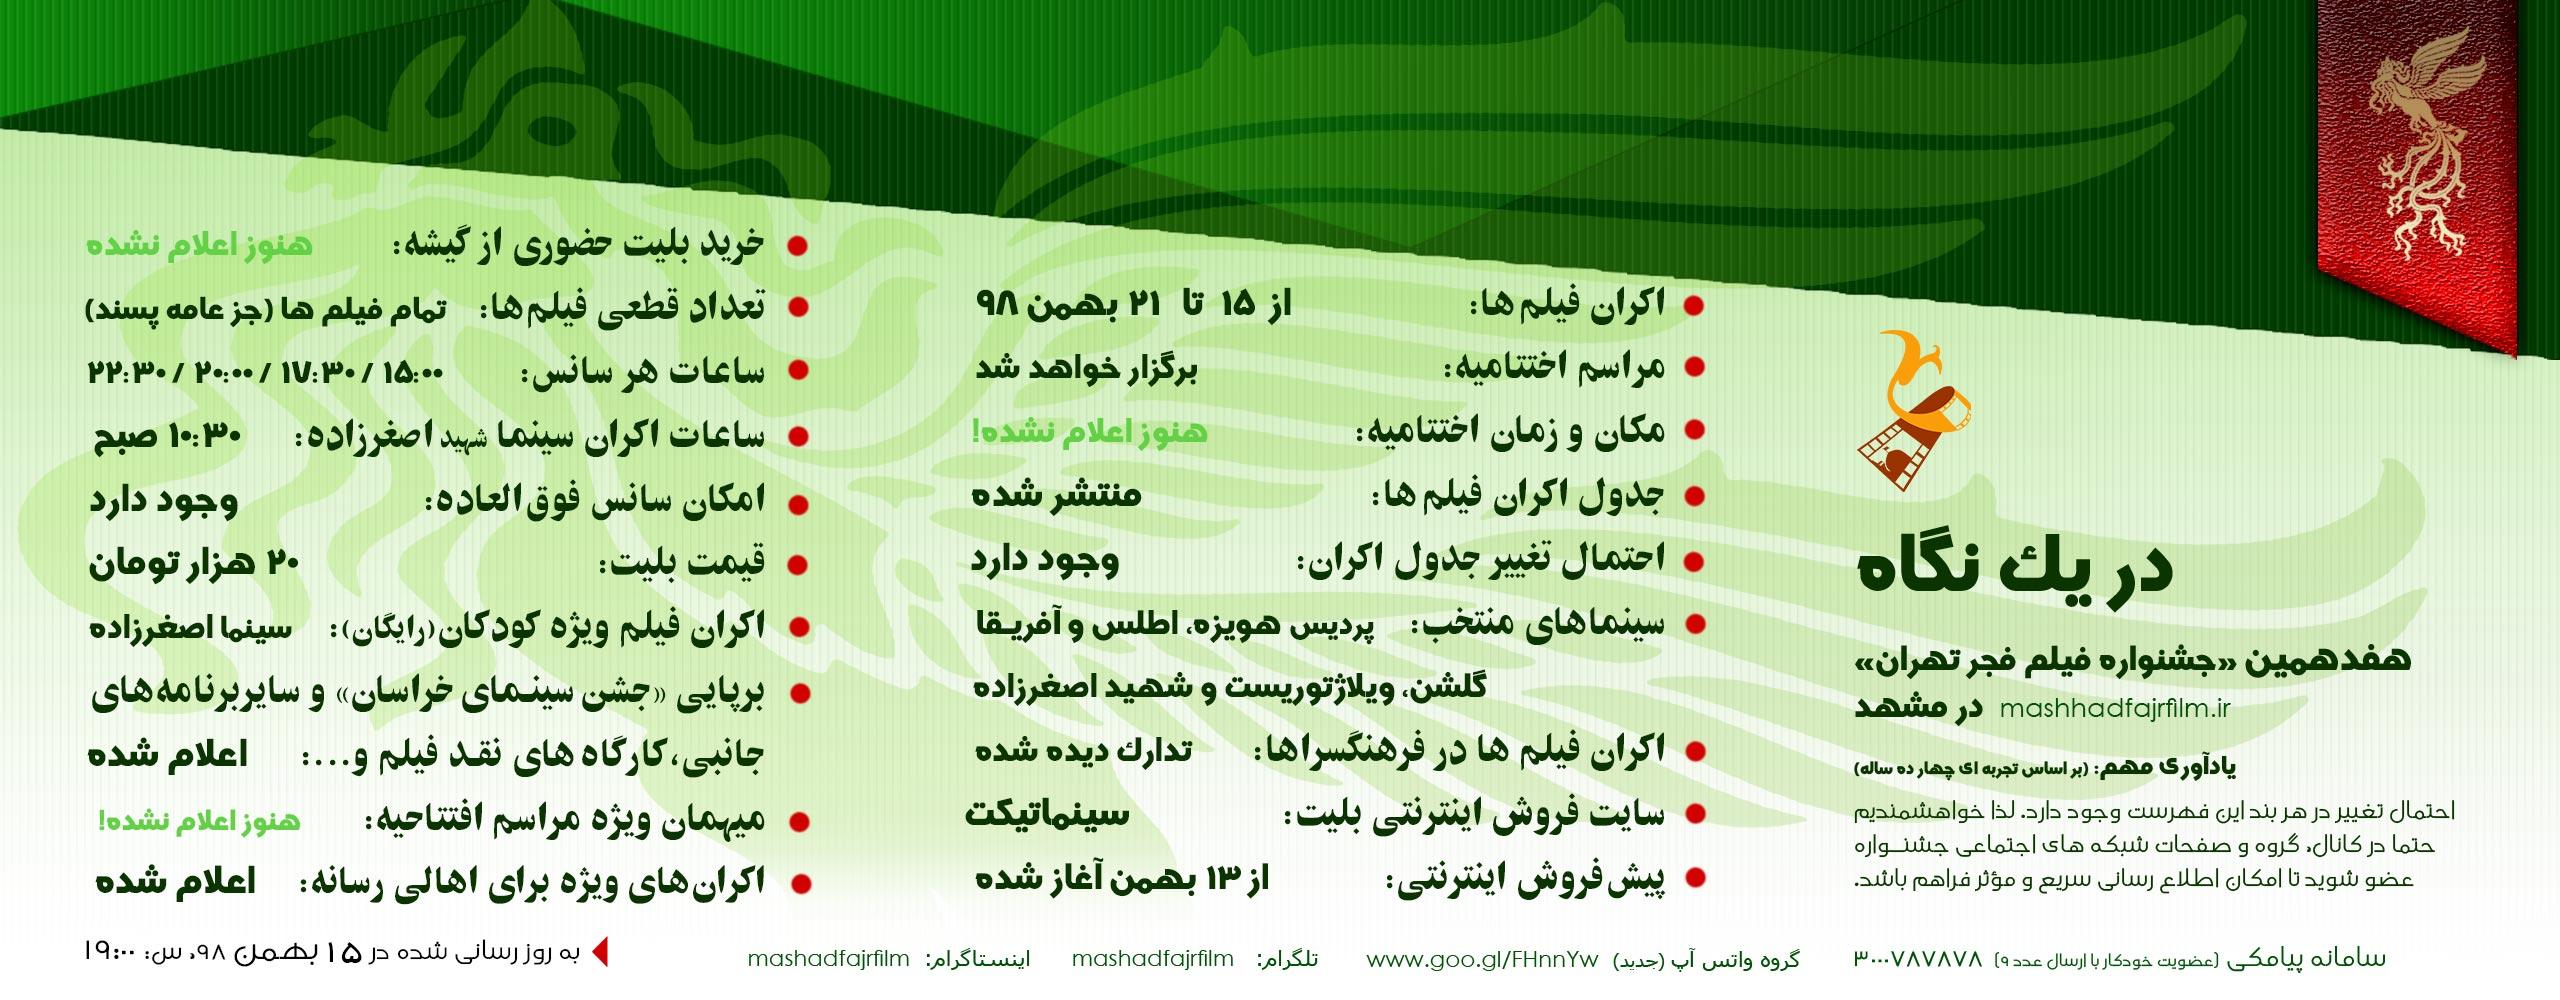 هجدهمین «جشنواره فیلم فجر تهران» در مشهد